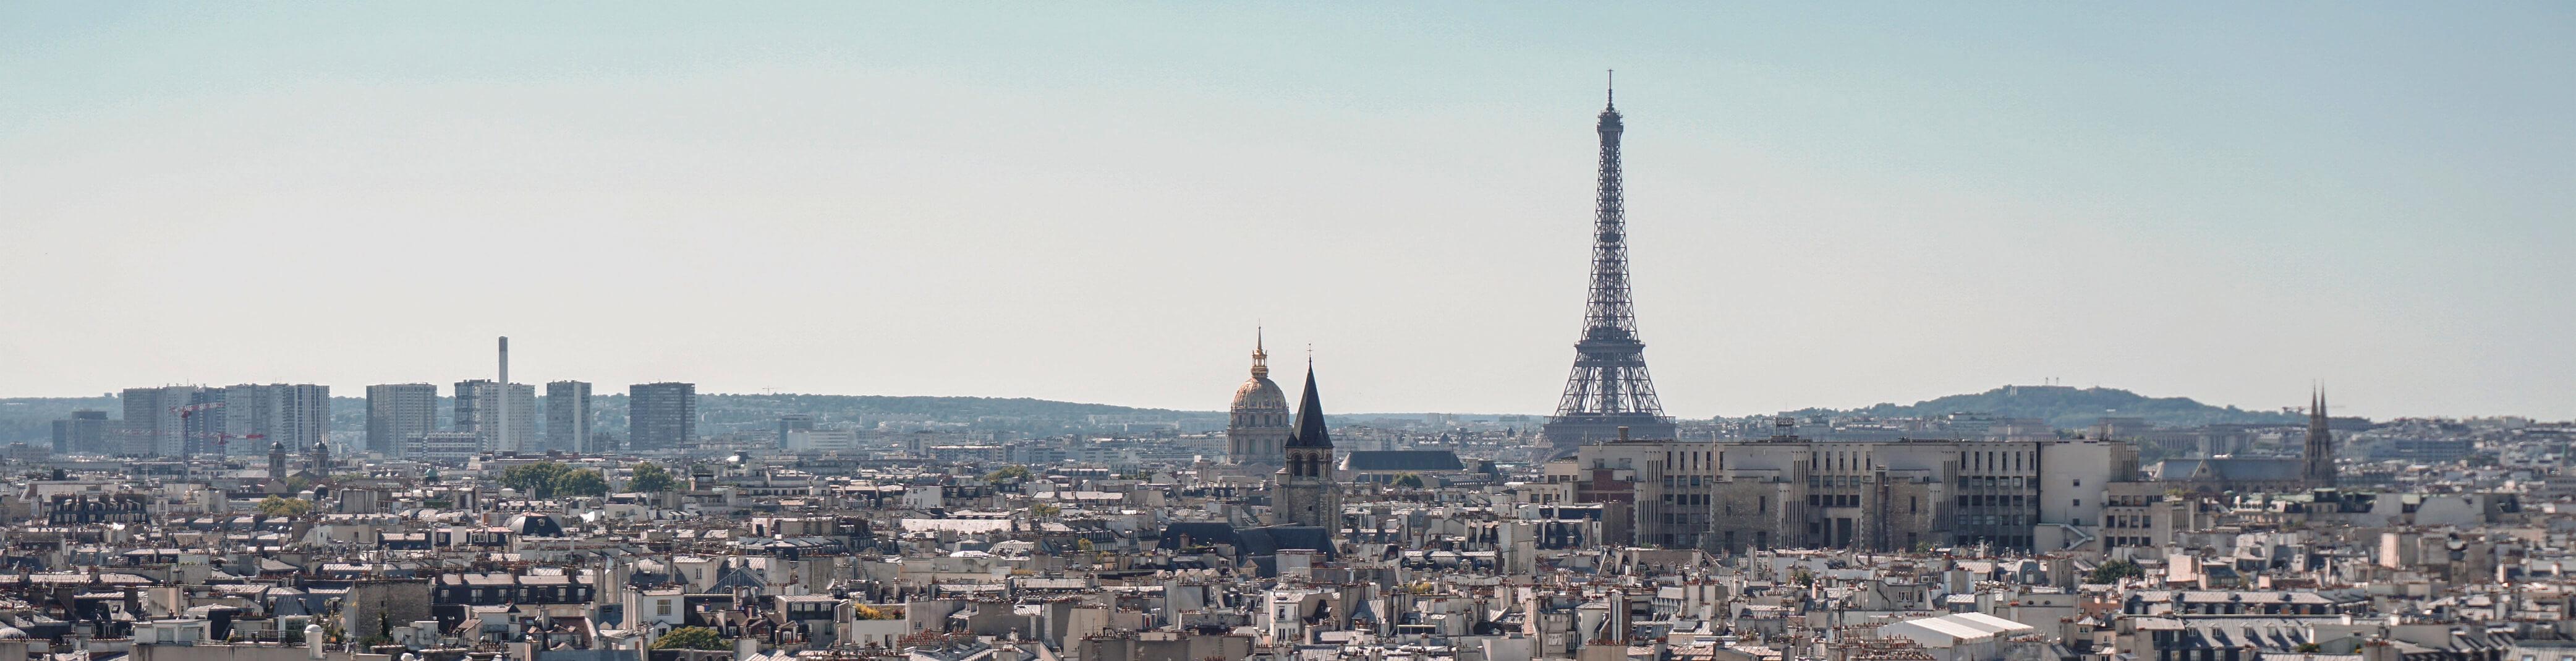 Online Training Courses In Paris